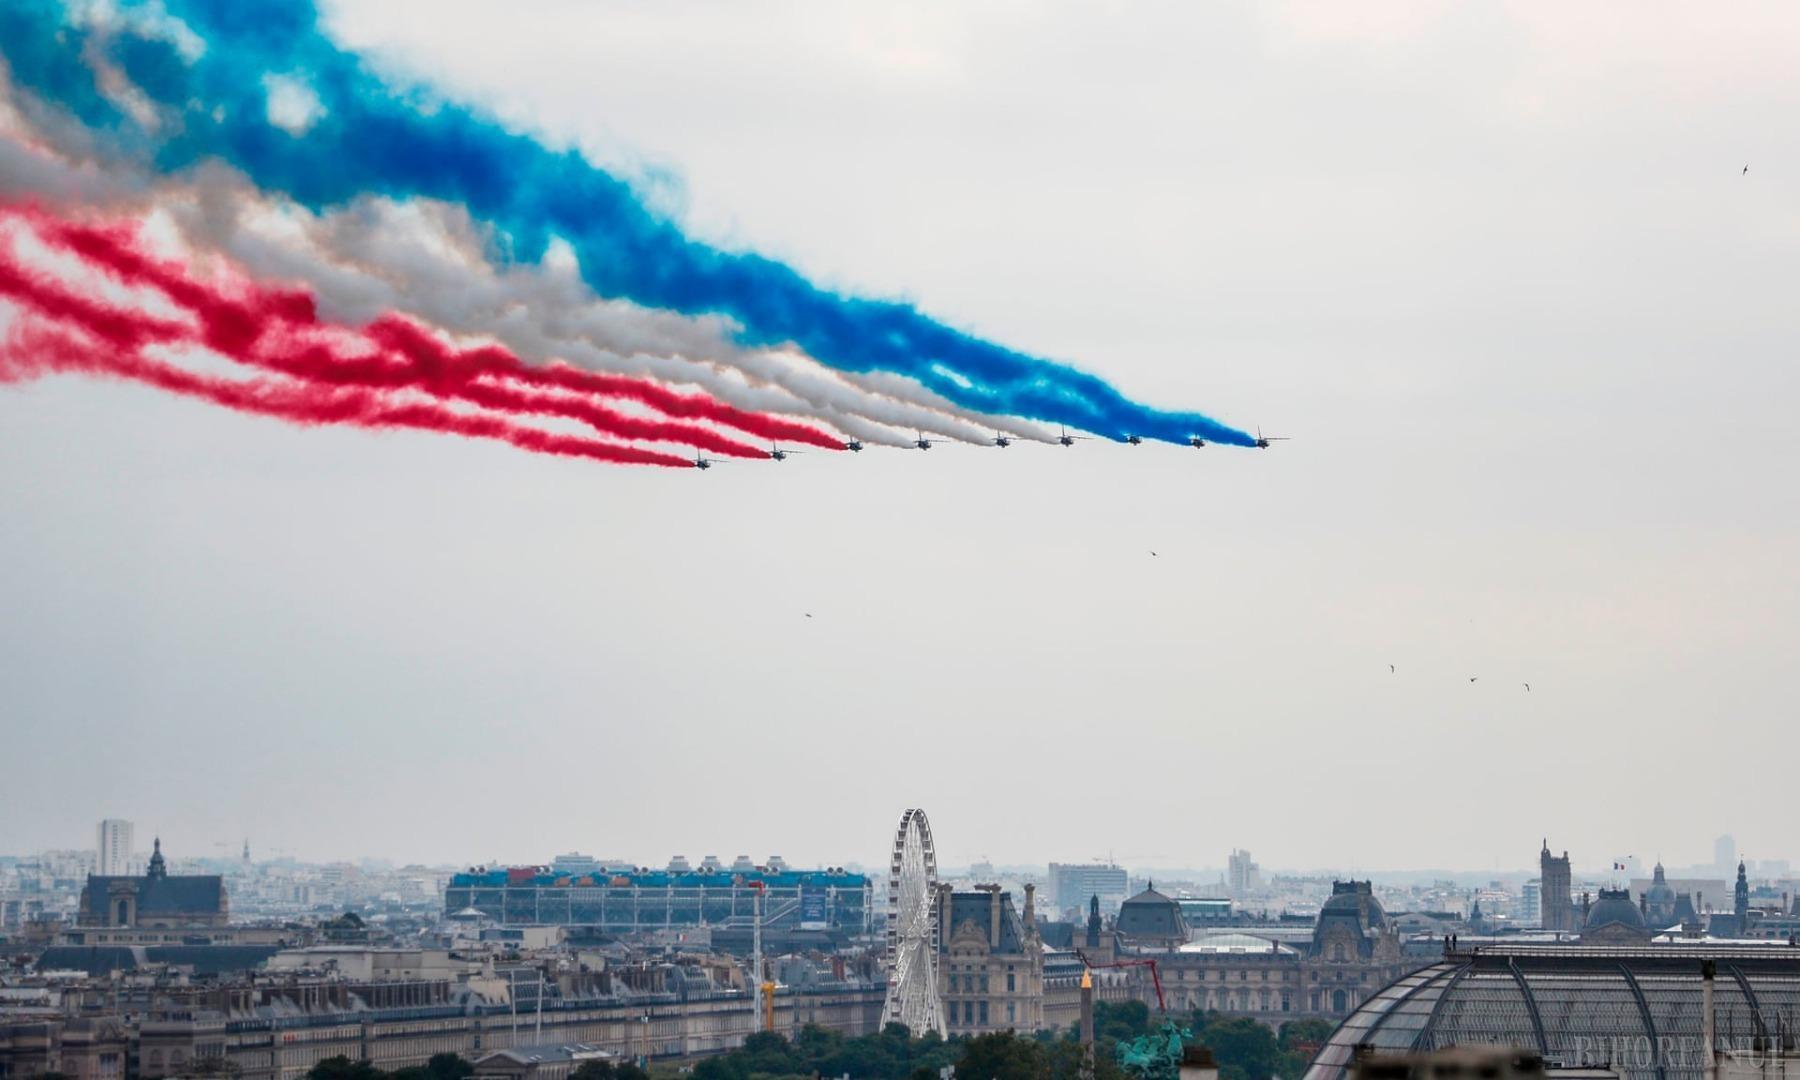 Viitorul e aici! Un soldat zburător a survolat Parisul, la parada de Ziua Franţei (FOTO / VIDEO)